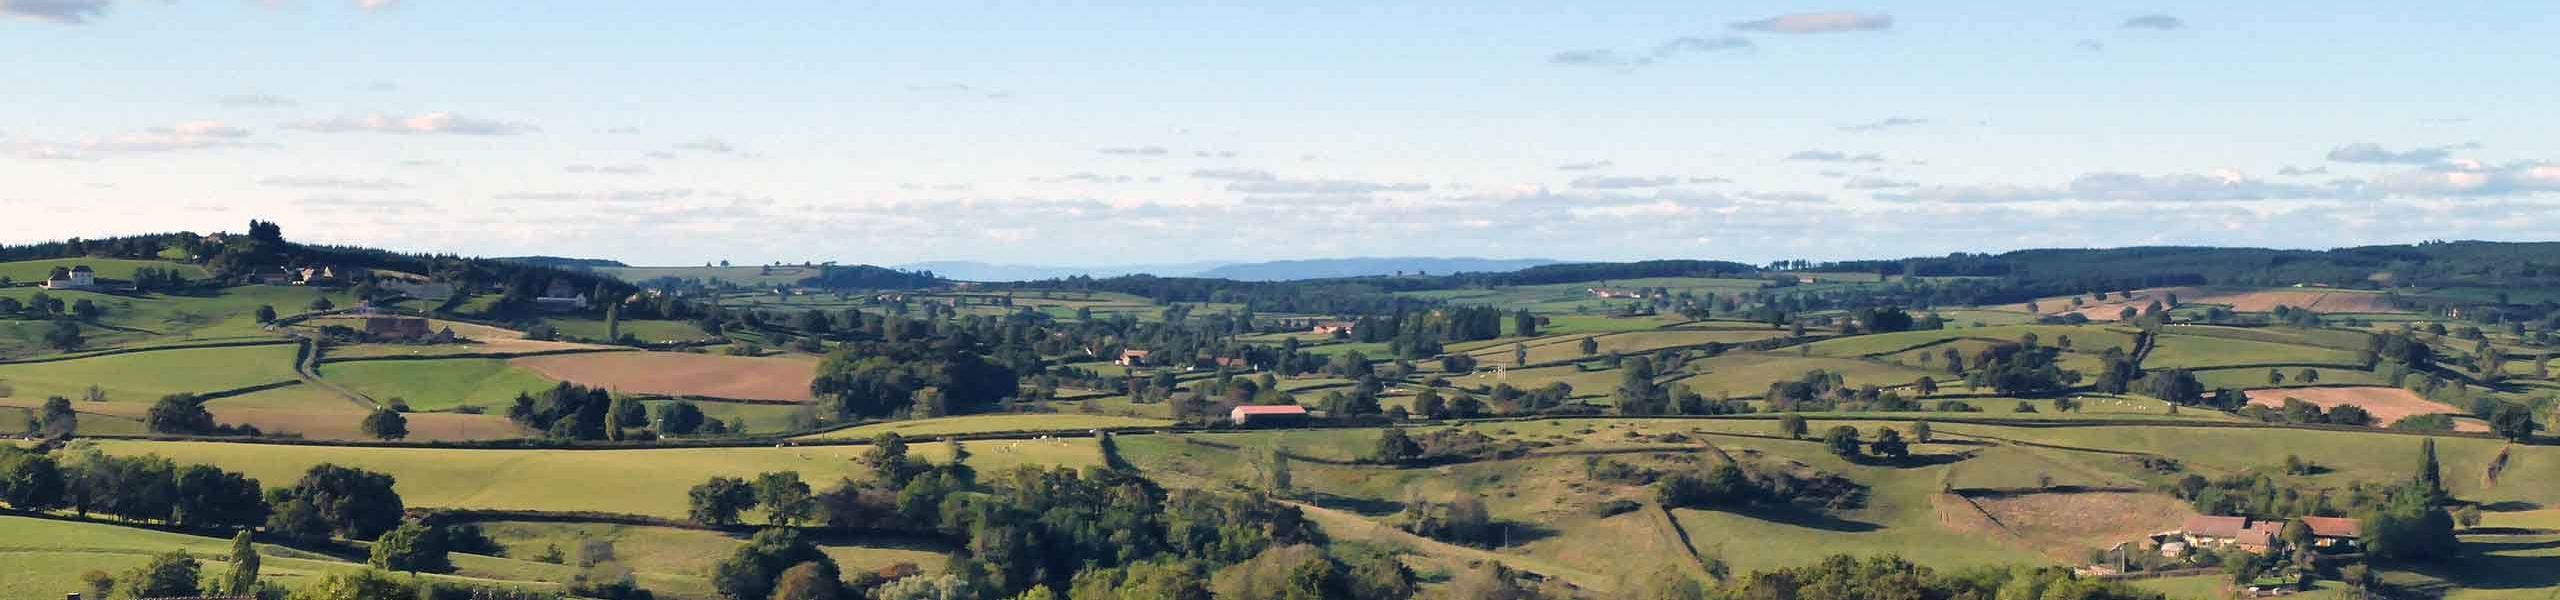 Vue sur Le Rousset depuis Saint-Quentin - Le Rousset-Marizy